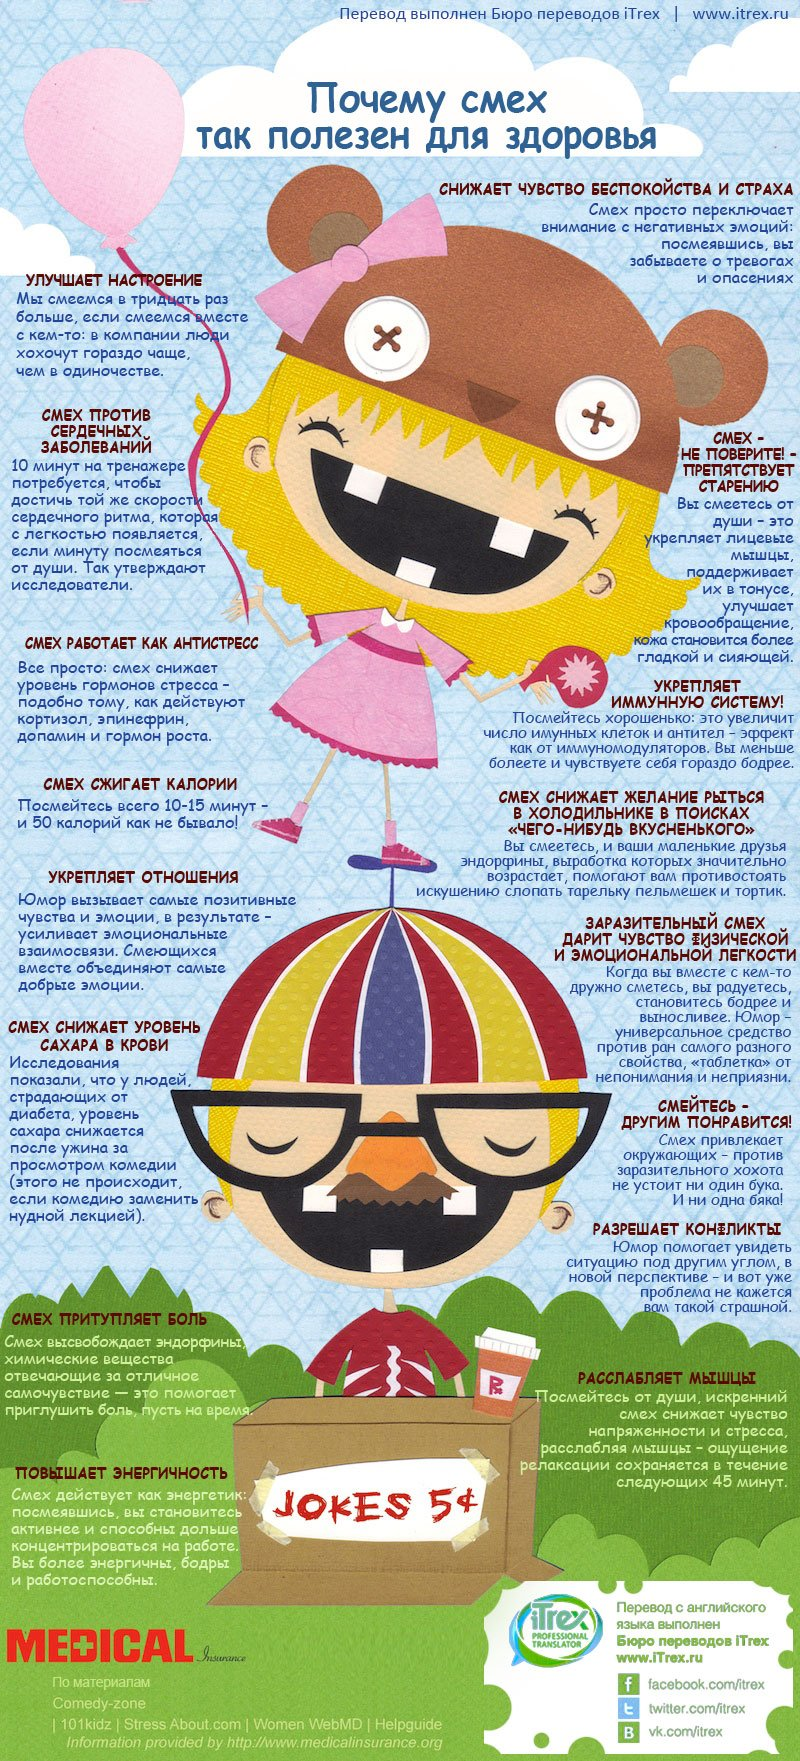 Почему смех полезен для здоровья?